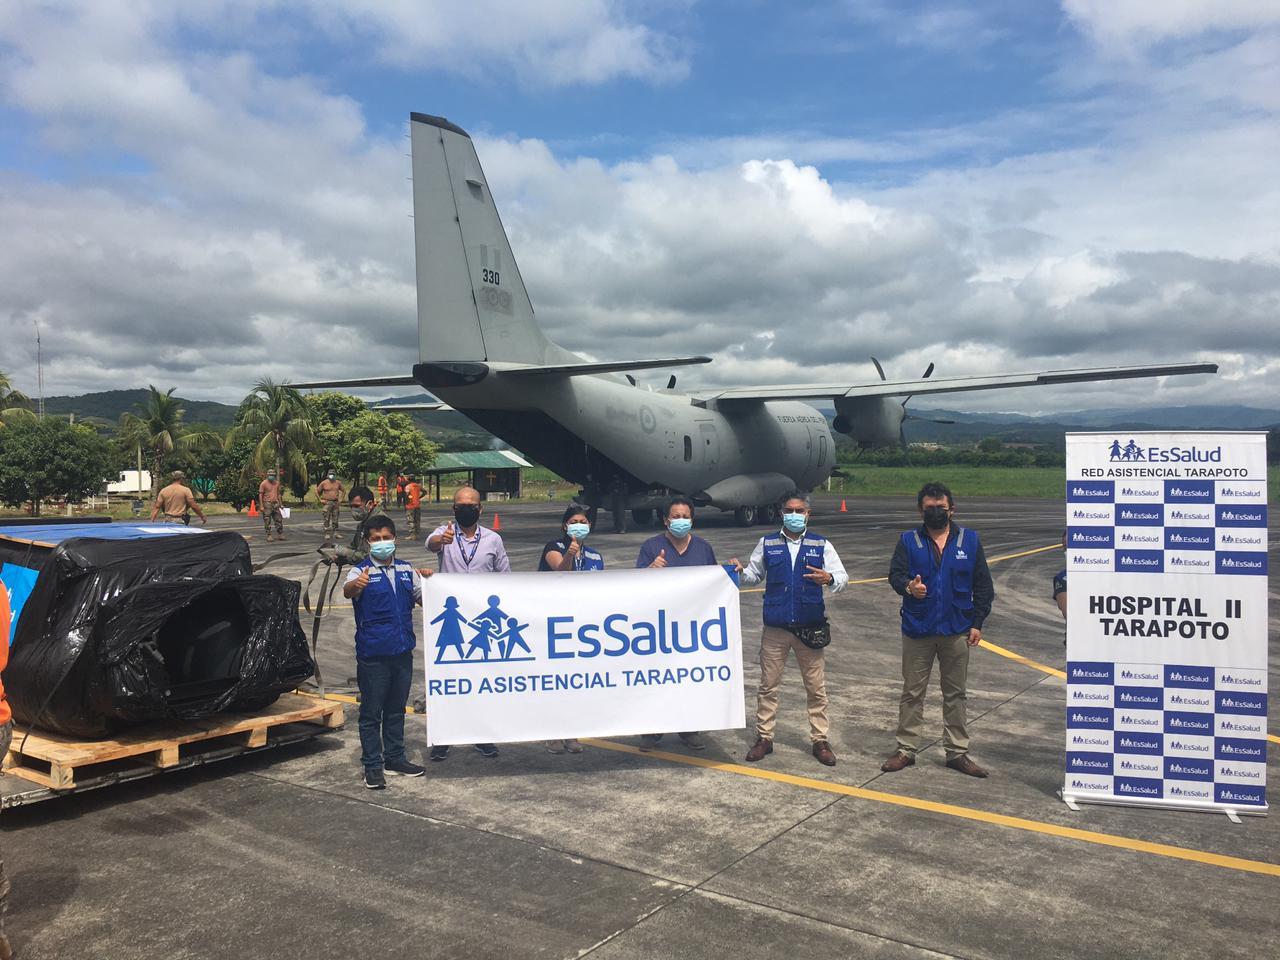 Essalud - EsSalud envía de Lima a Tarapoto planta generadora de oxígeno para reforzar la lucha contra la Covid-19